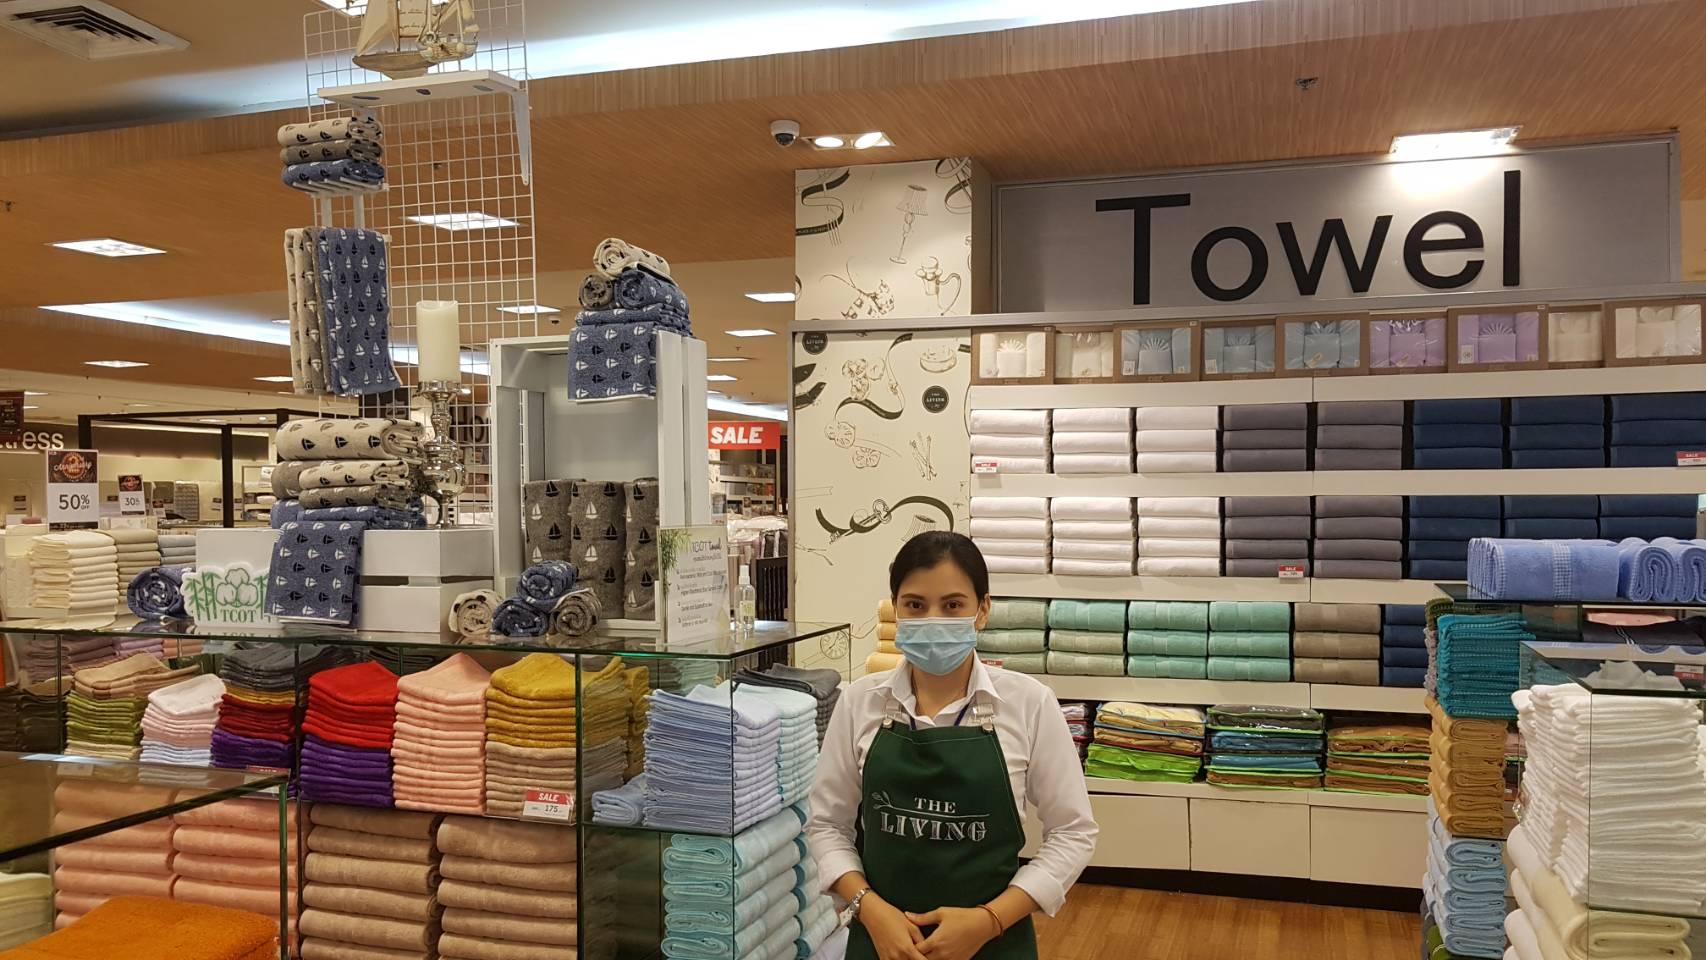 ผ้าขนหนู ผ้าเช็ดตัว เดอะมอลล์ ท่าพระ towel tcot